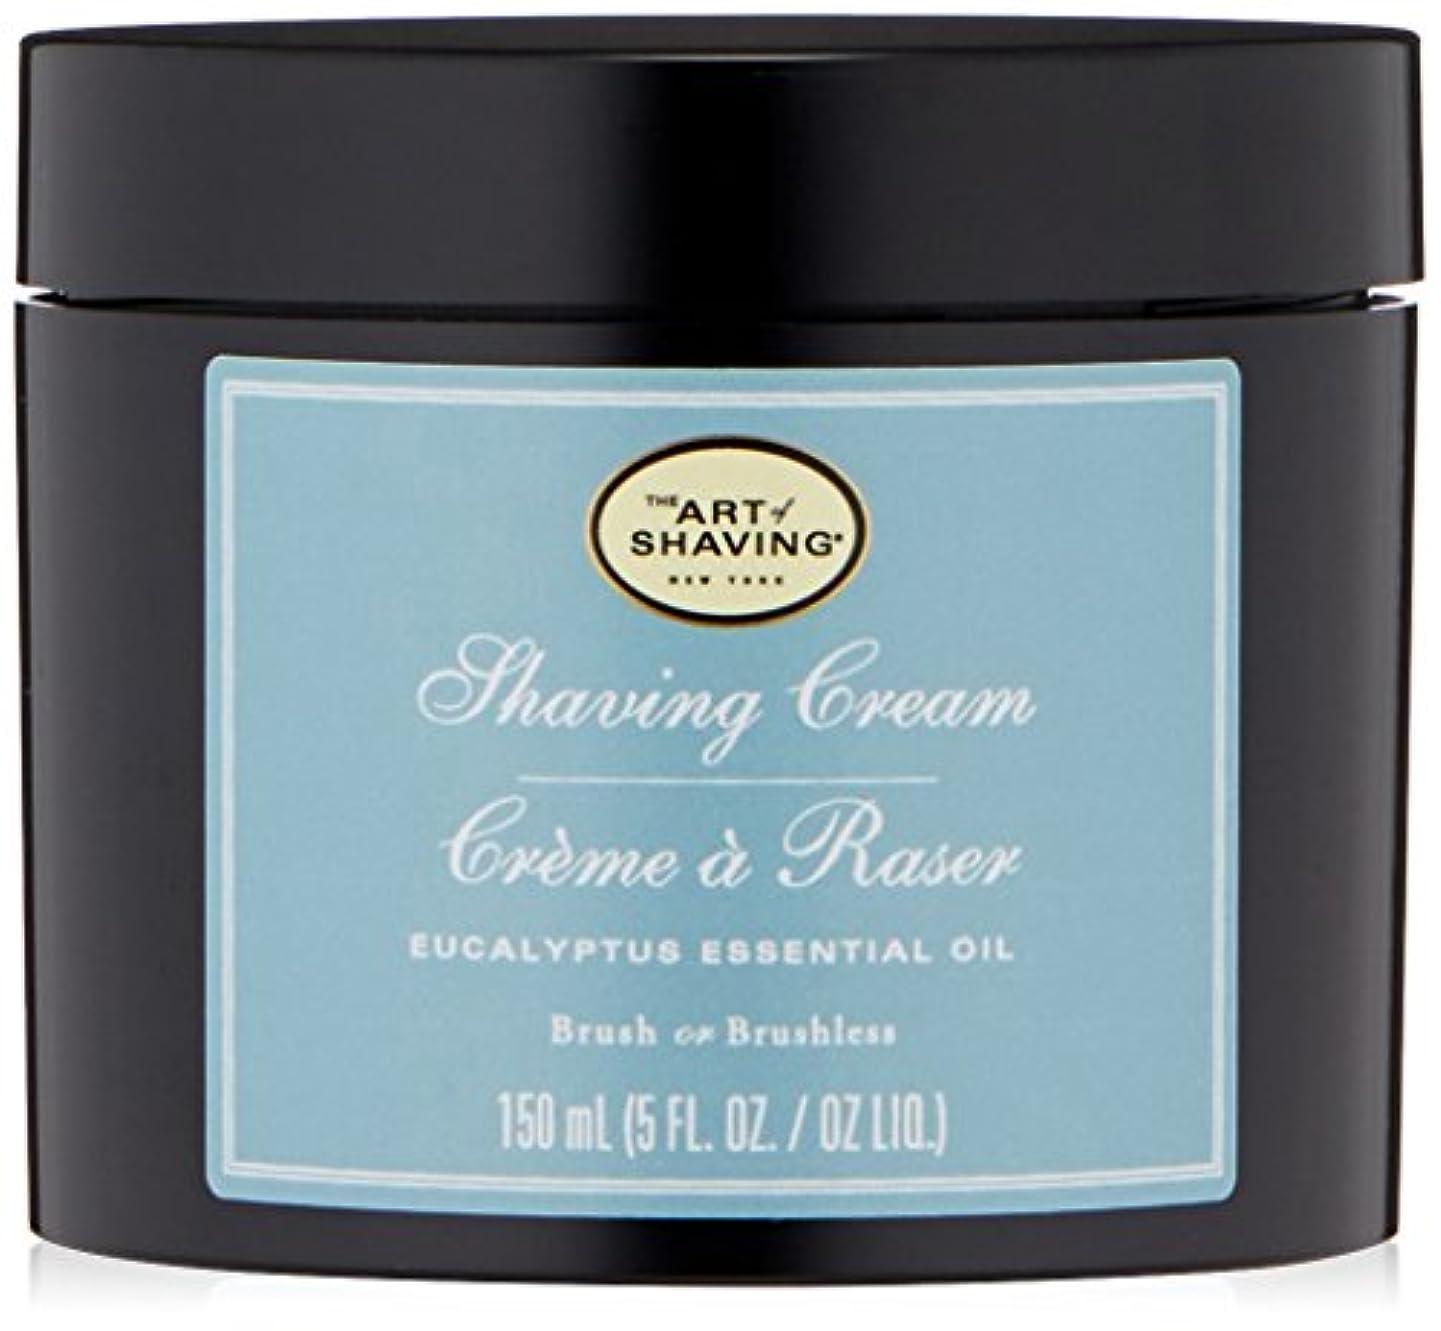 癒す潜む疑わしいアートオブシェービング Shaving Cream - Eucalyptus Essential Oil 150ml/5oz並行輸入品